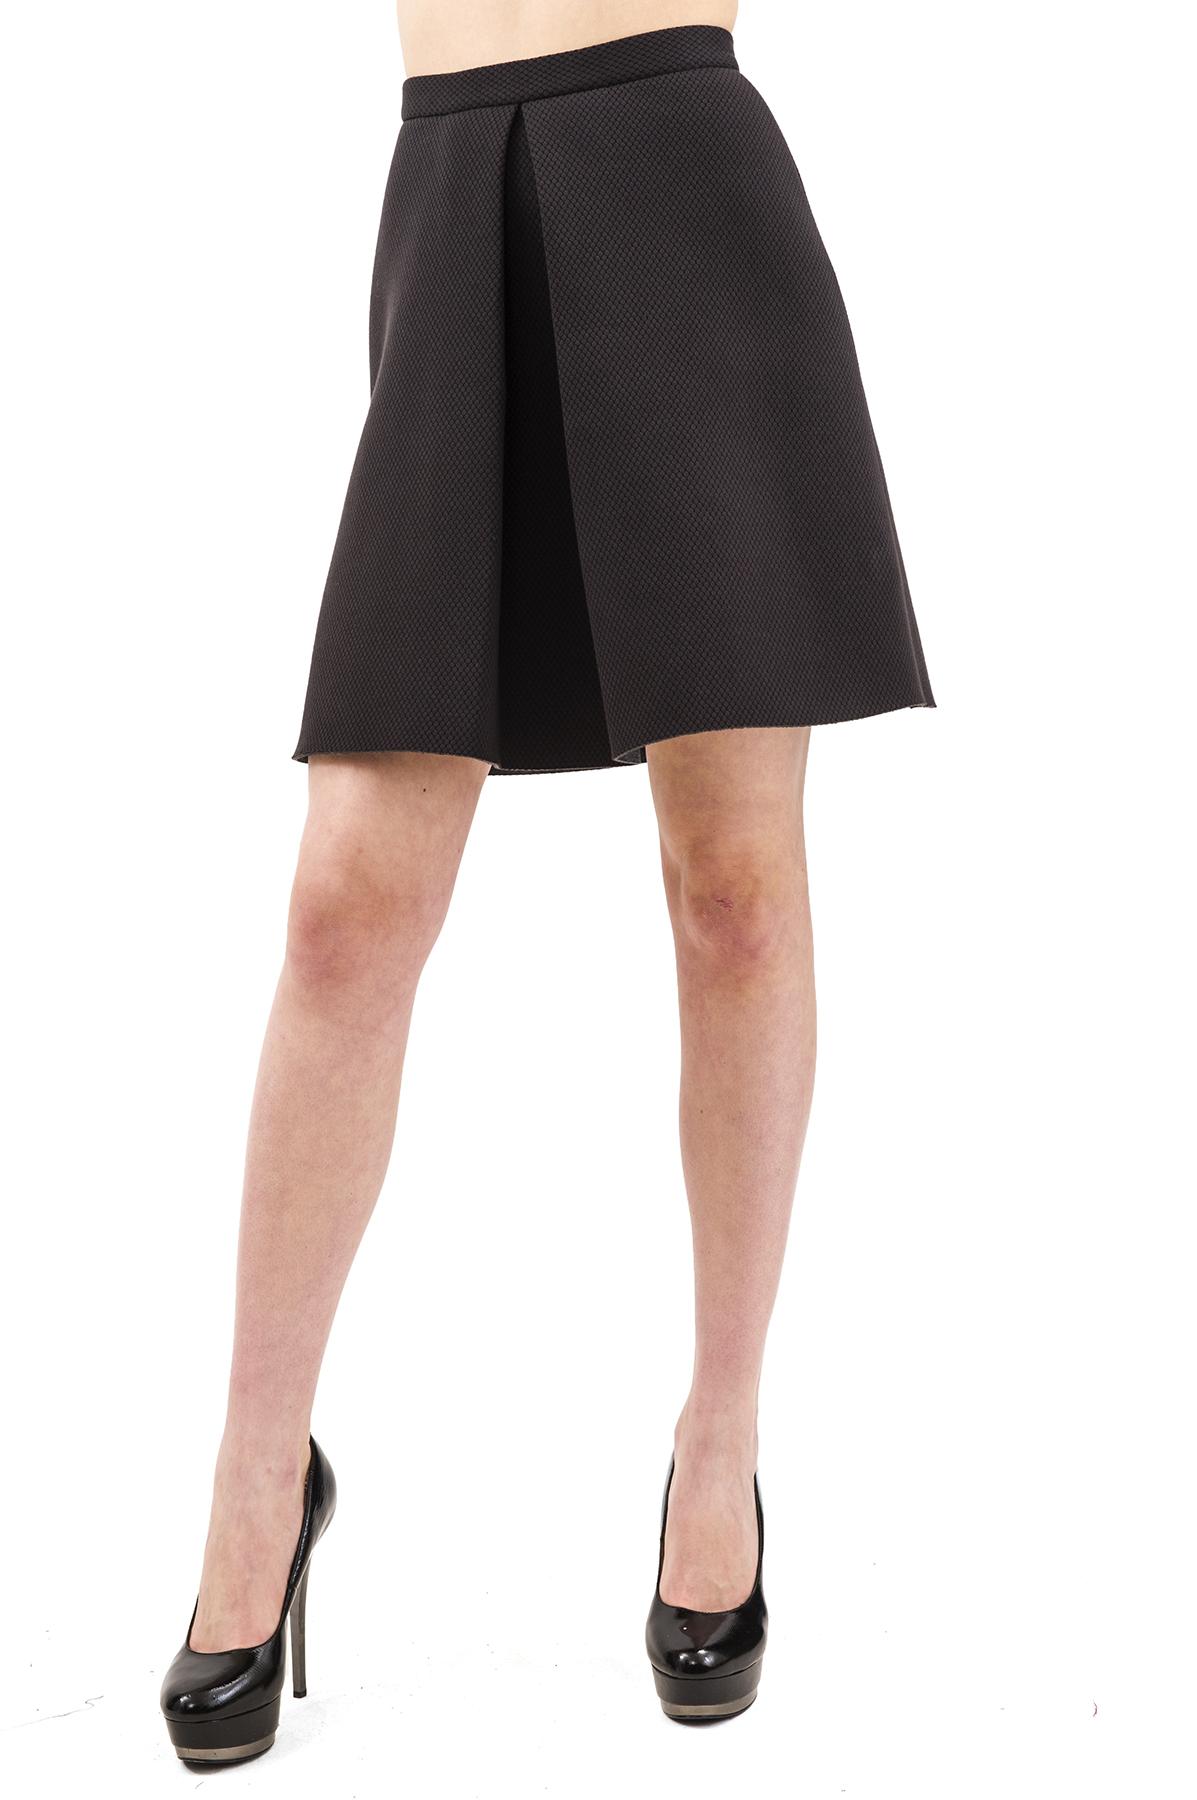 ЮбкаЖенские юбки и брюки<br>Стильная юбка актуальной длины  для ярких и уверенных в своей неотразимости женщин. Изделие прекрасно сочетается со многими элементами гардероба.<br><br>Цвет: черный<br>Состав: 54% хлопок, 32% полиэстер, 12% вискоза, 2% спандекс<br>Размер: 40,42,44,46,48,50,52,54,56,58,60<br>Страна дизайна: Россия<br>Страна производства: Россия